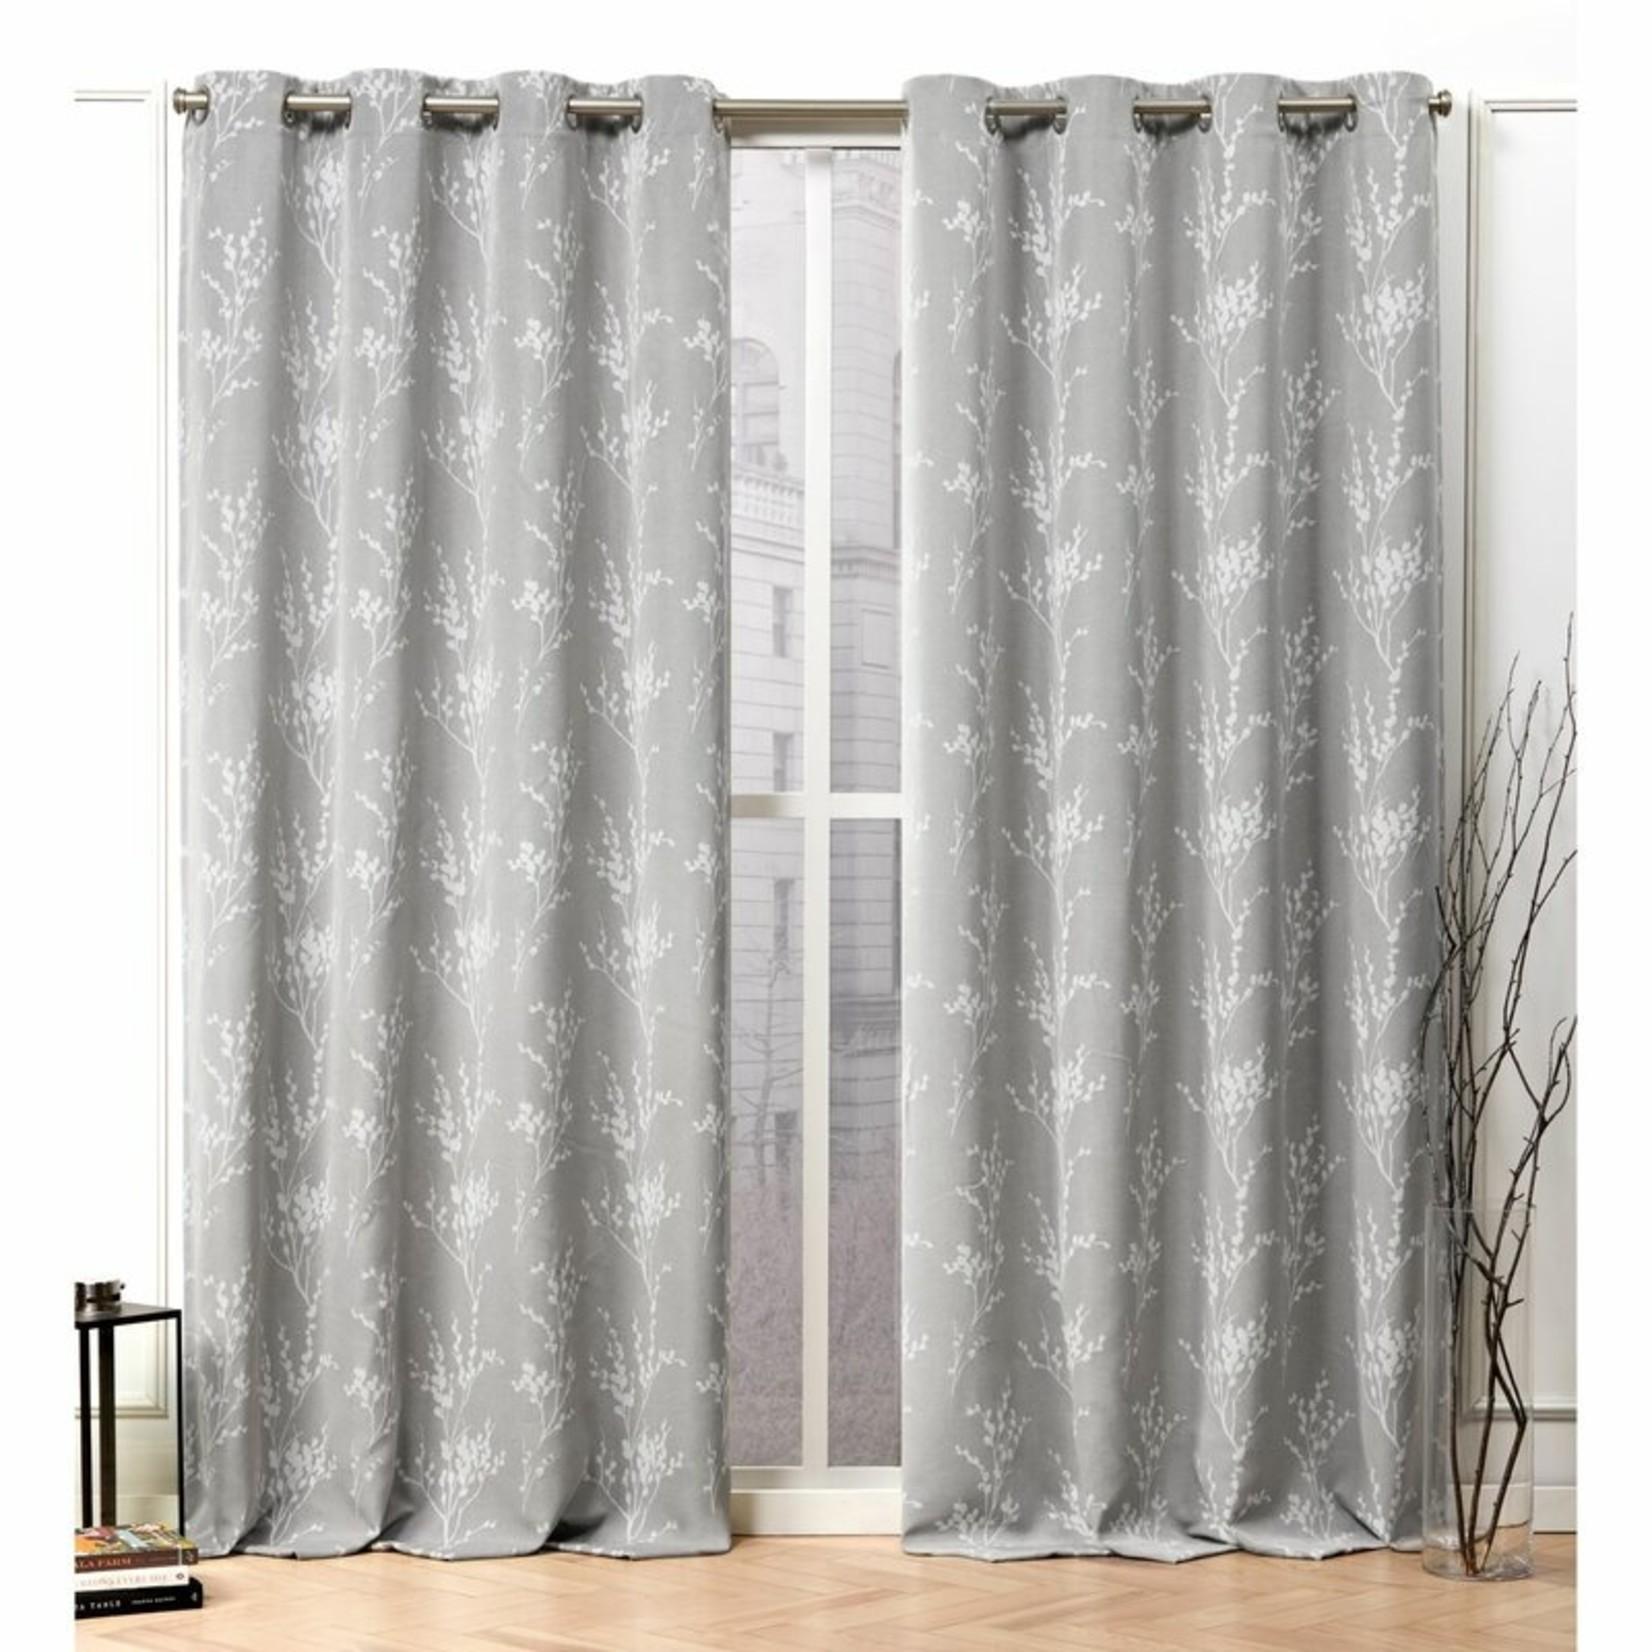 """*50"""" x 63"""" - Aadhvika Floral Room Darkening Thermal Grommet Curtain Panels"""